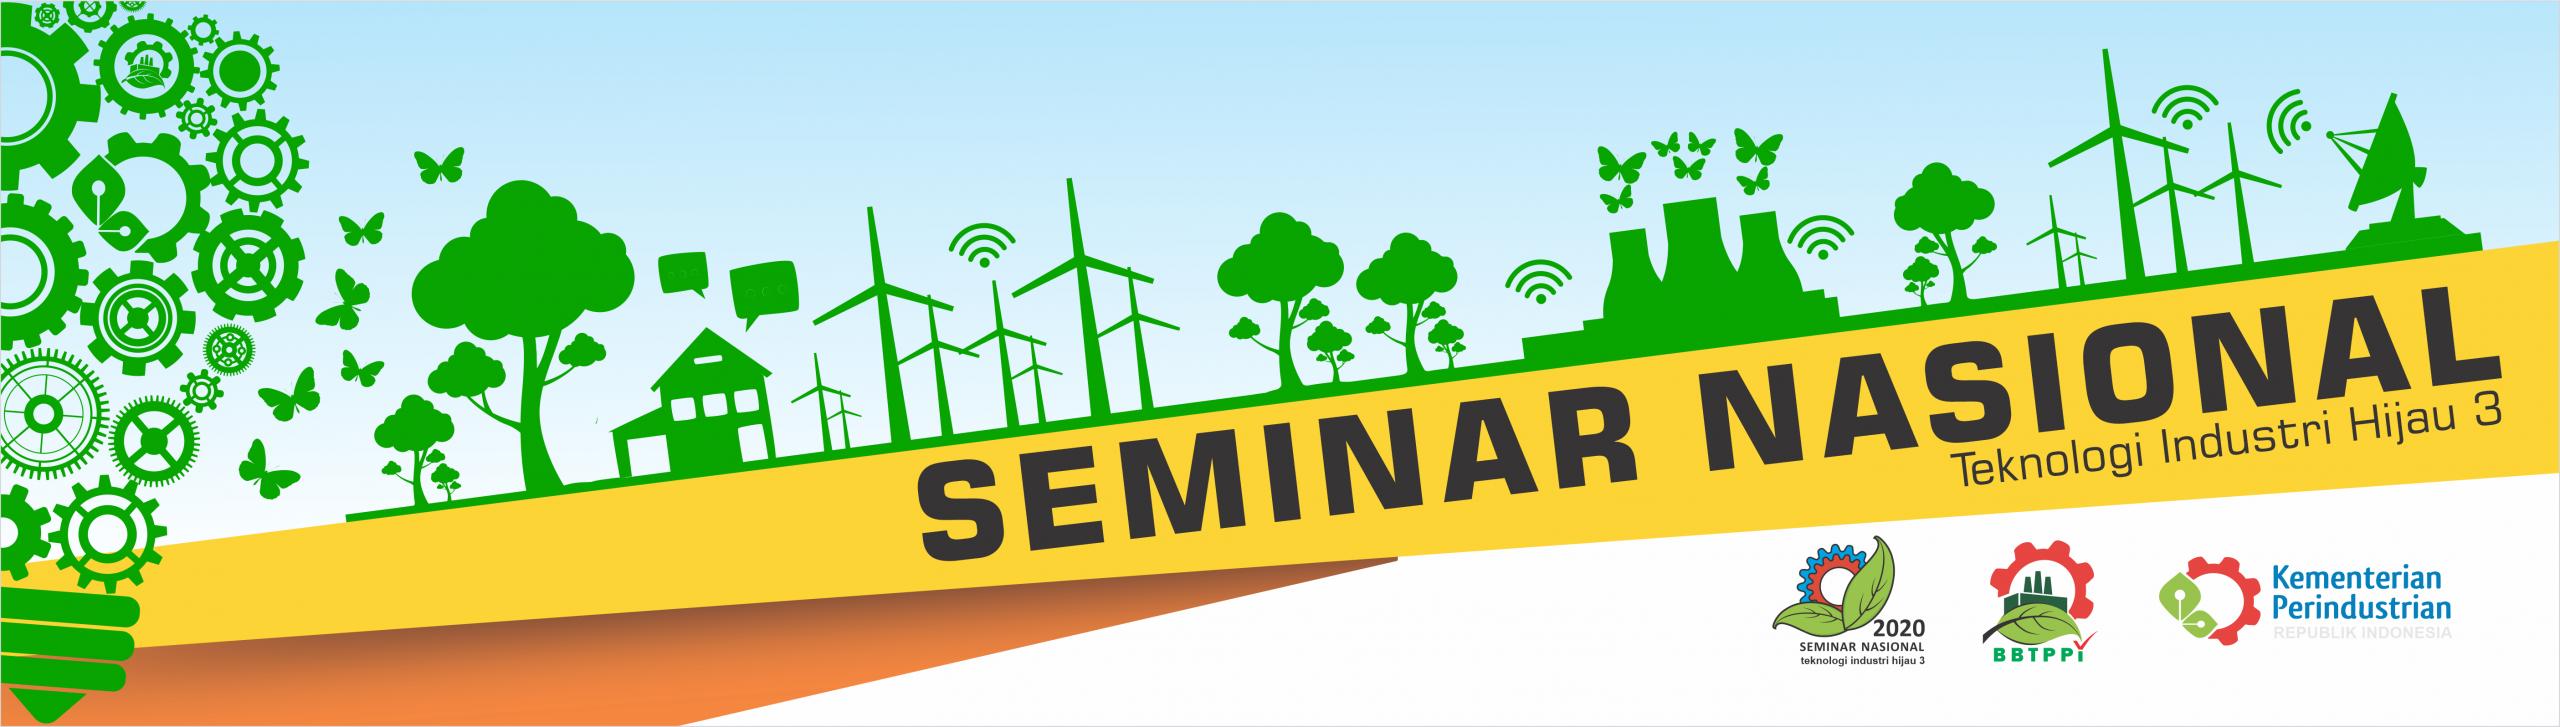 Kemenperin – Seminar Nasional Teknologi Industri Hijau 3 (SNTIH 3)